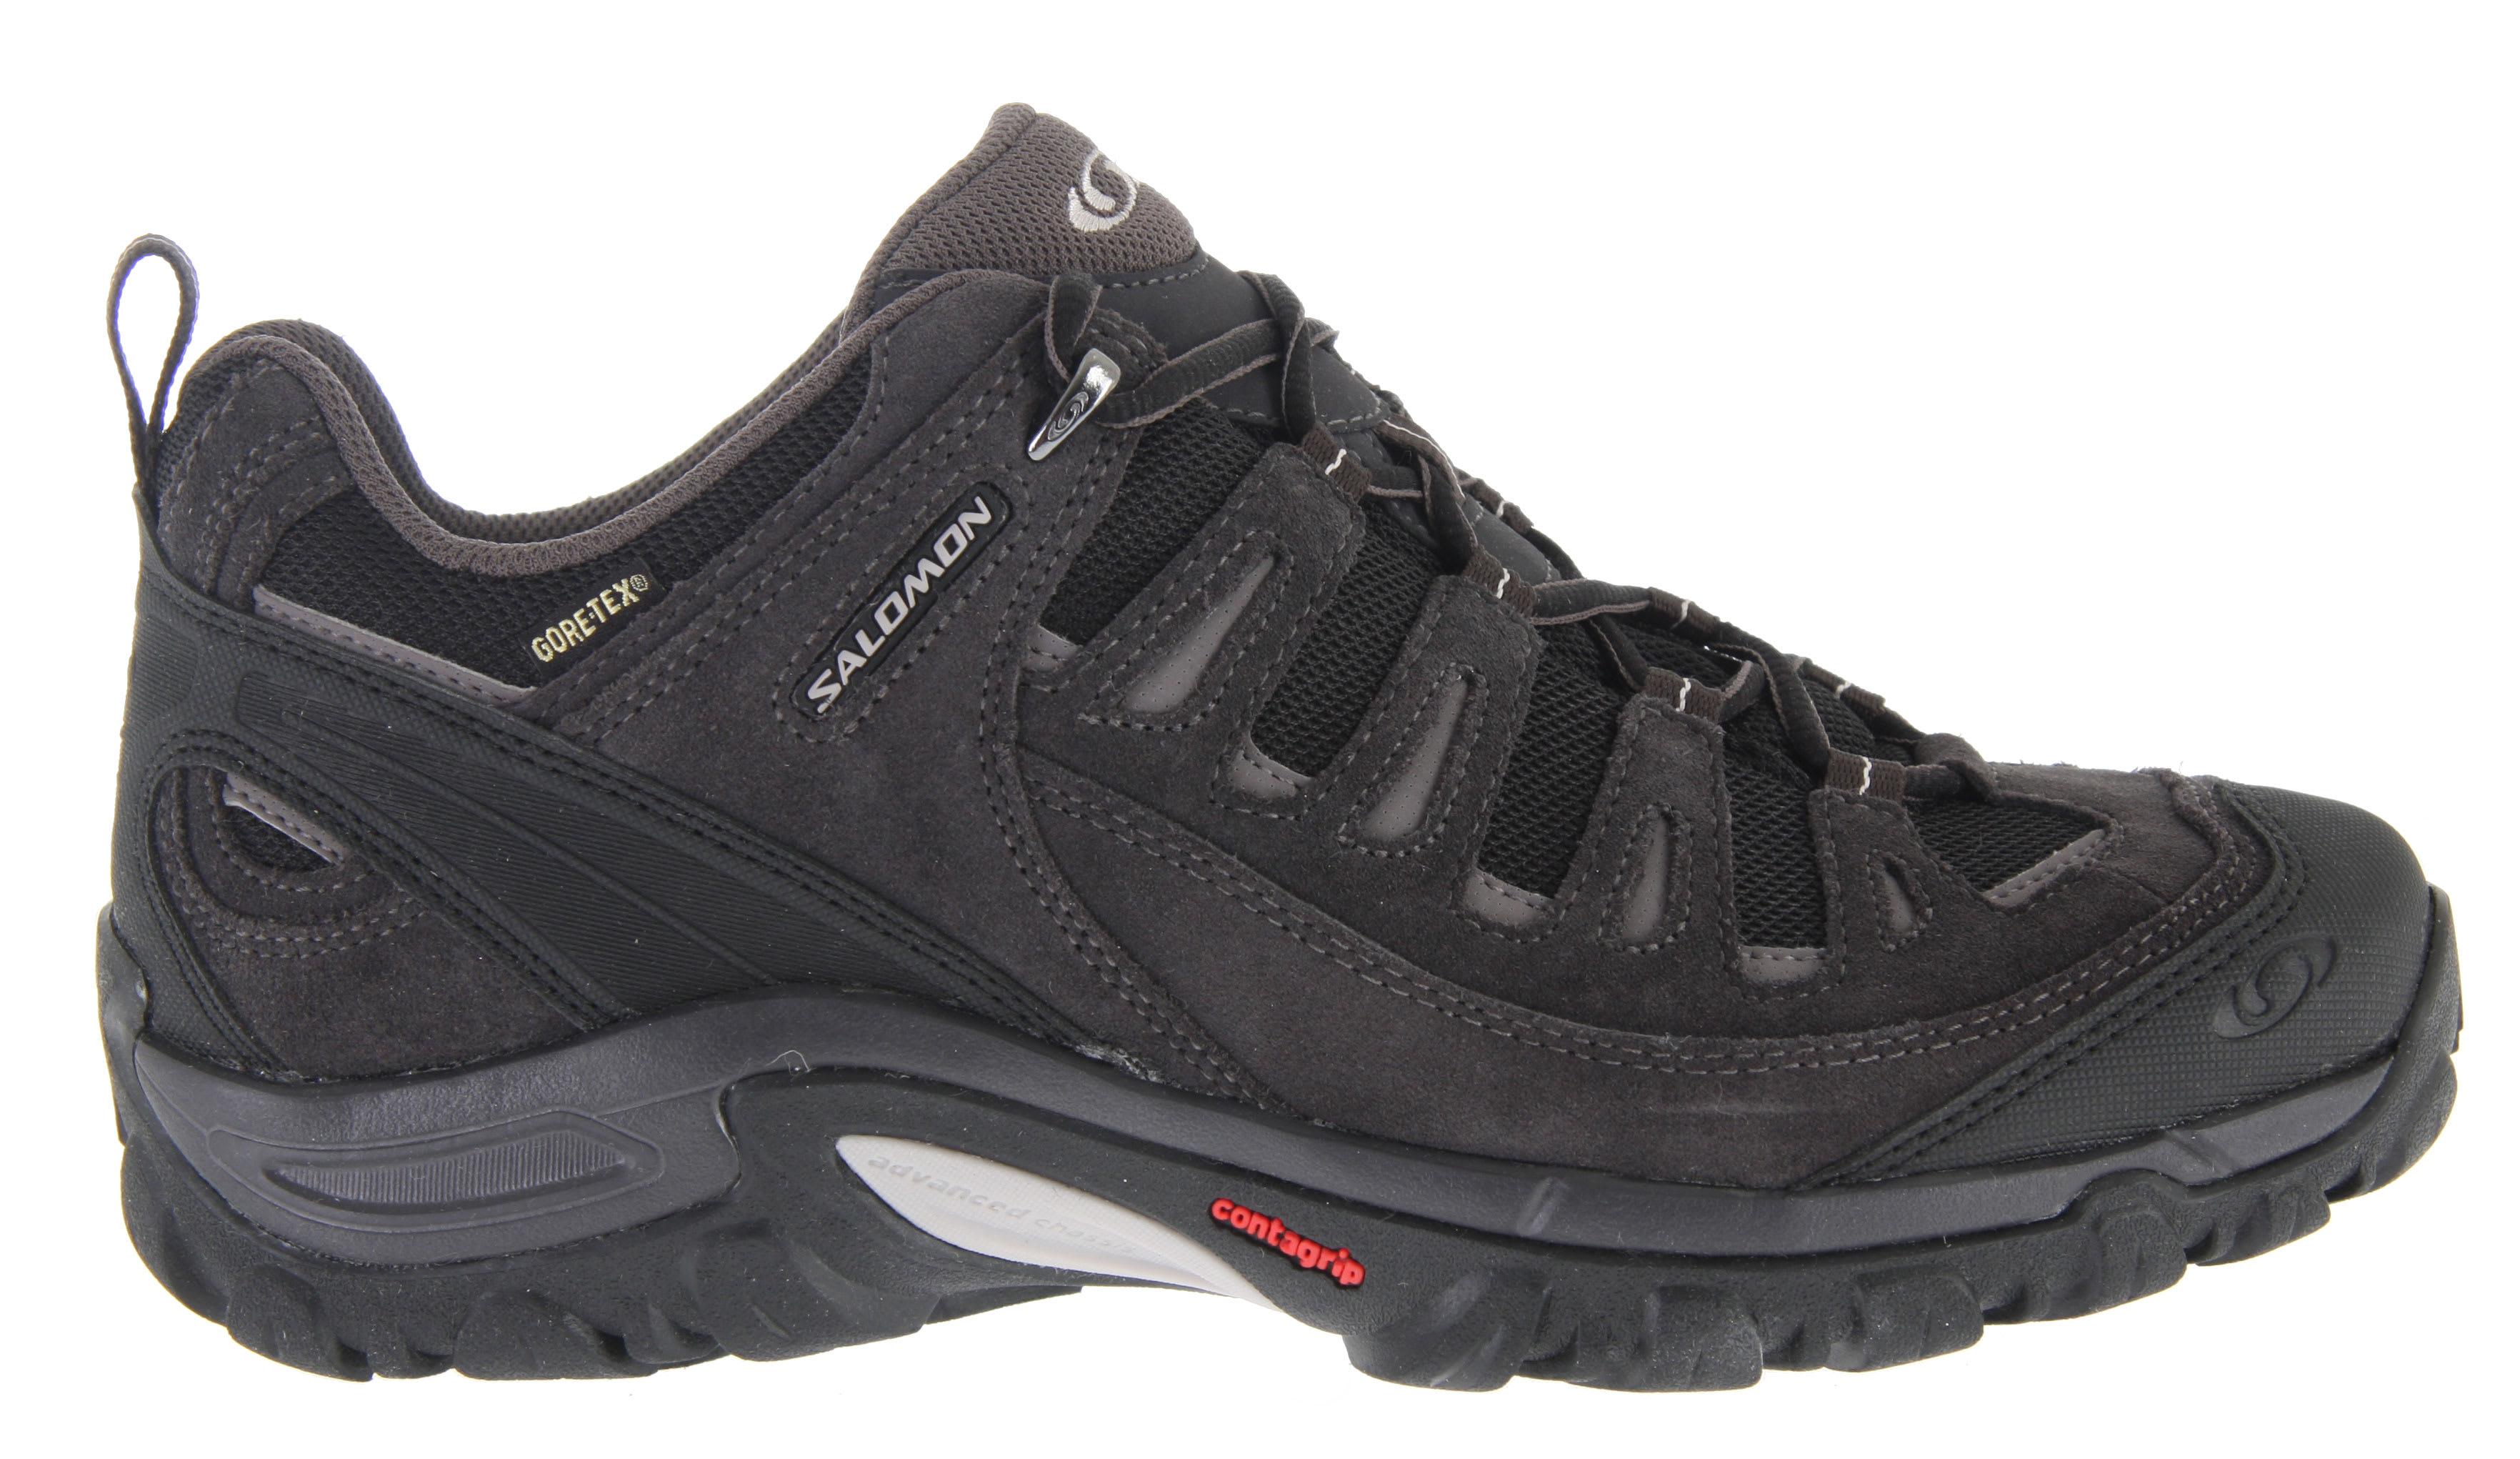 Salomon Exit 2 GTX Hiking Shoes